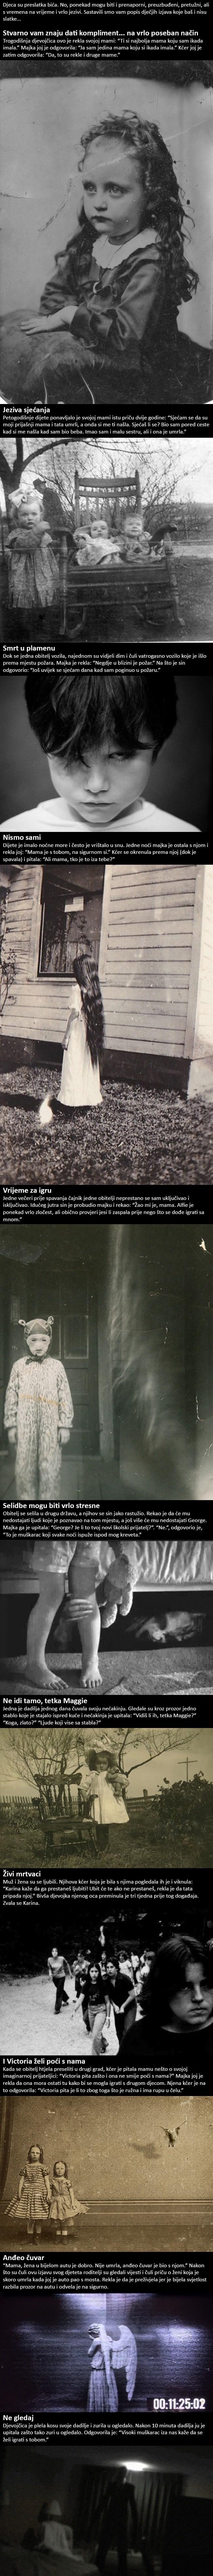 Vijetnamska kultura datiranja